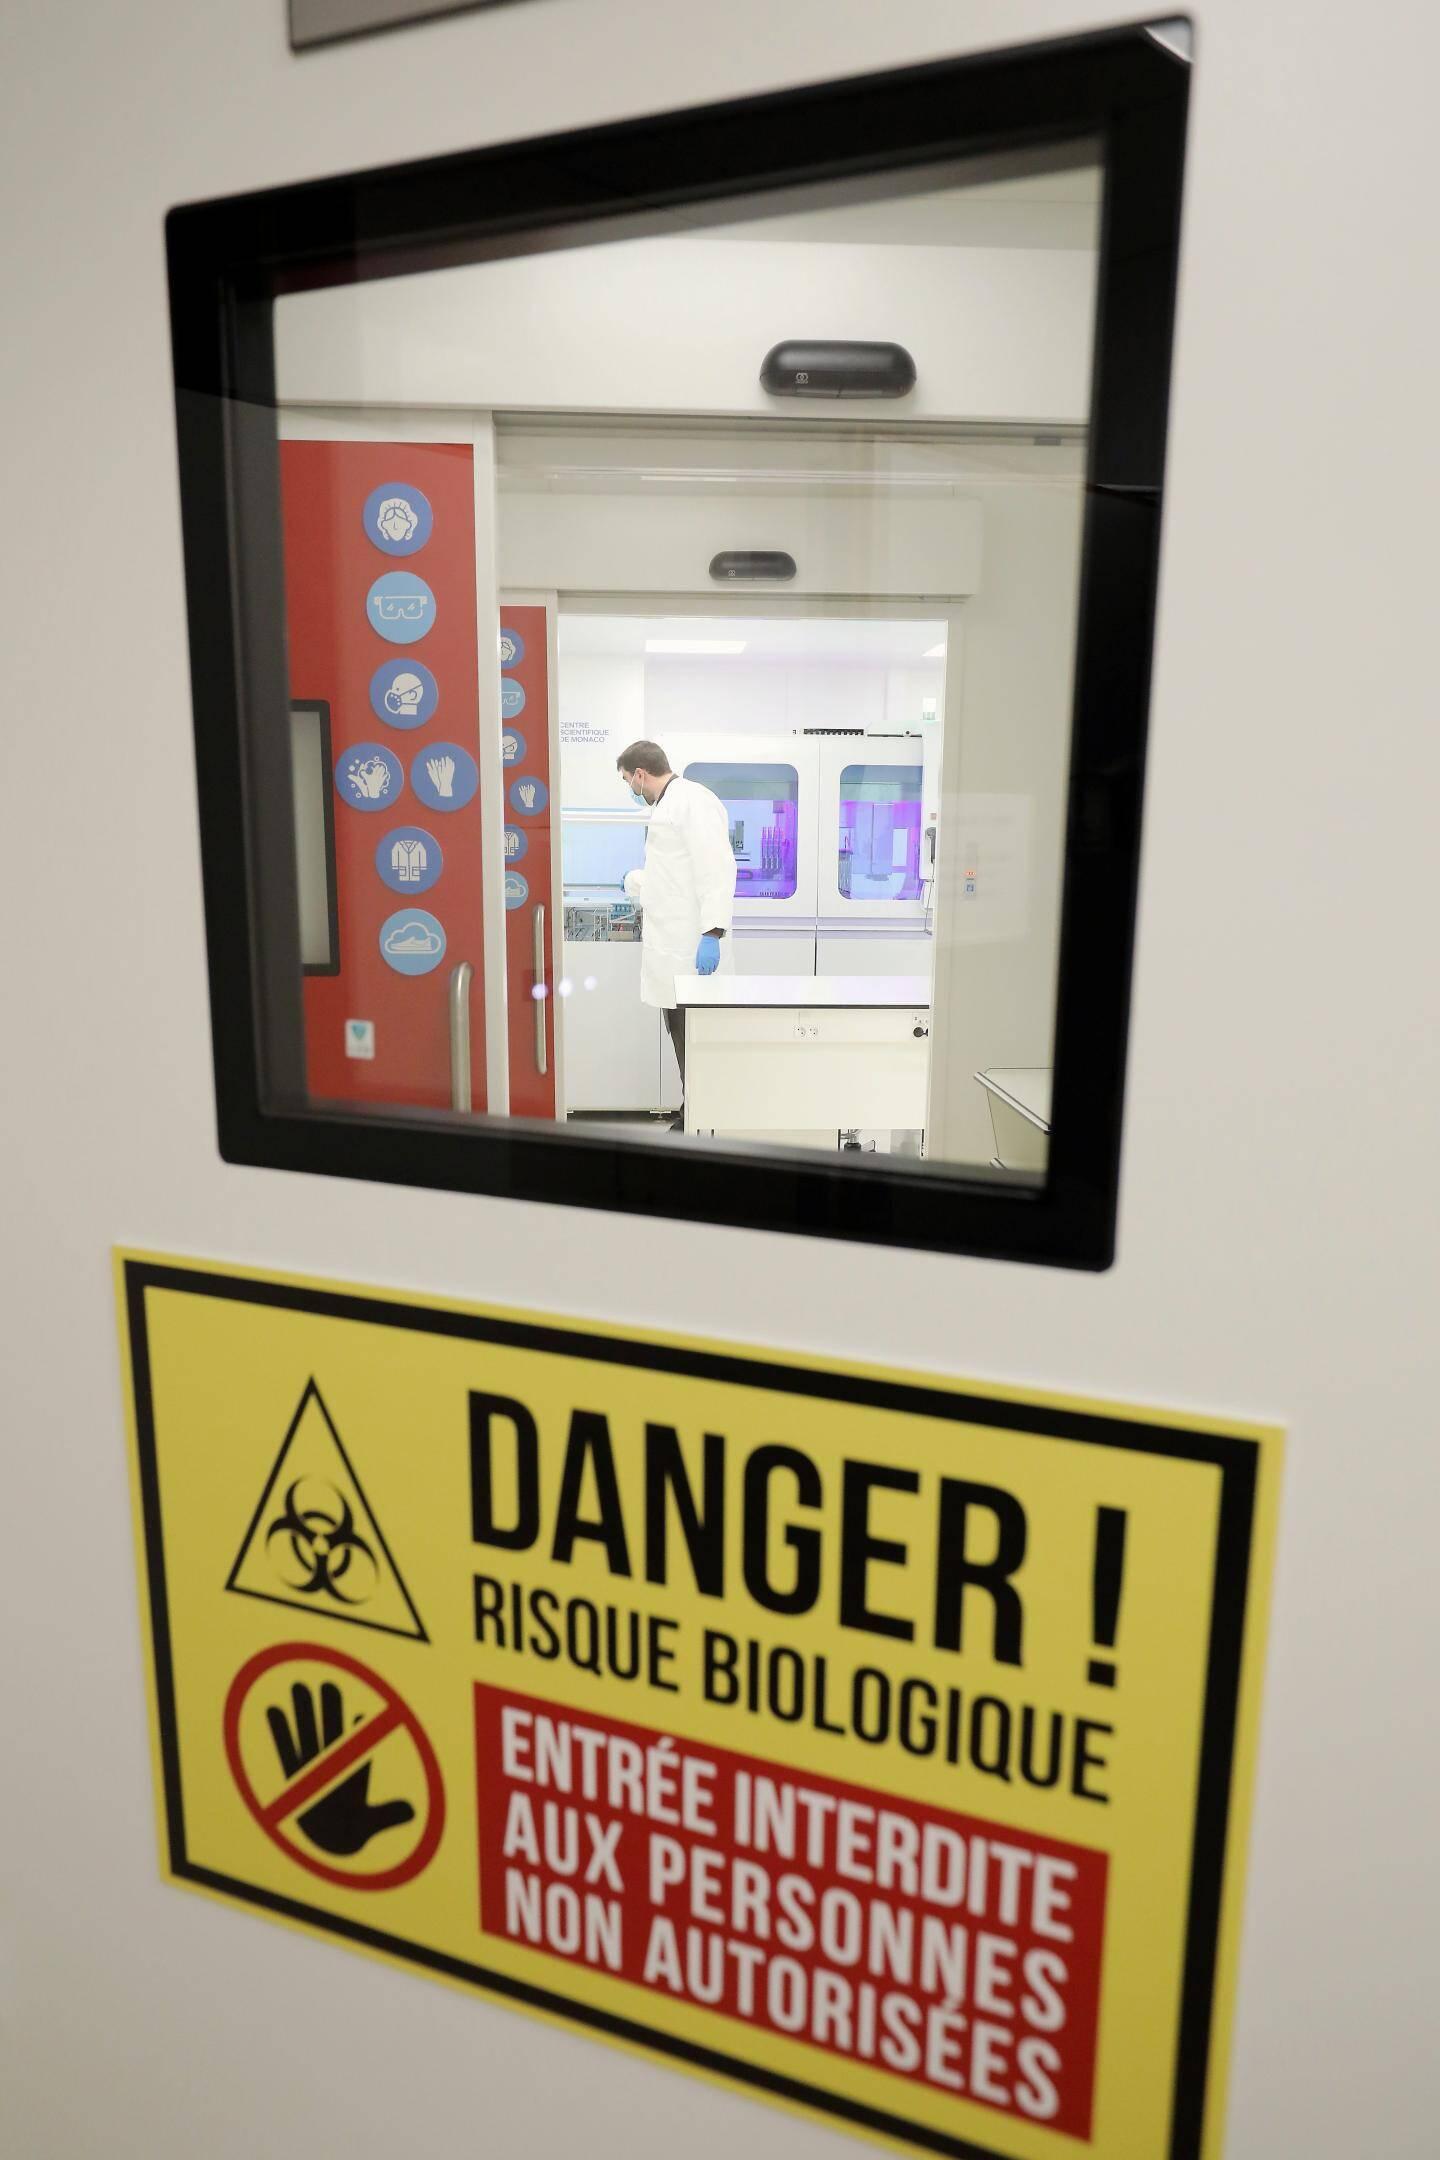 Ce type de laboratoire est réservé au personnel formé et autorisé.